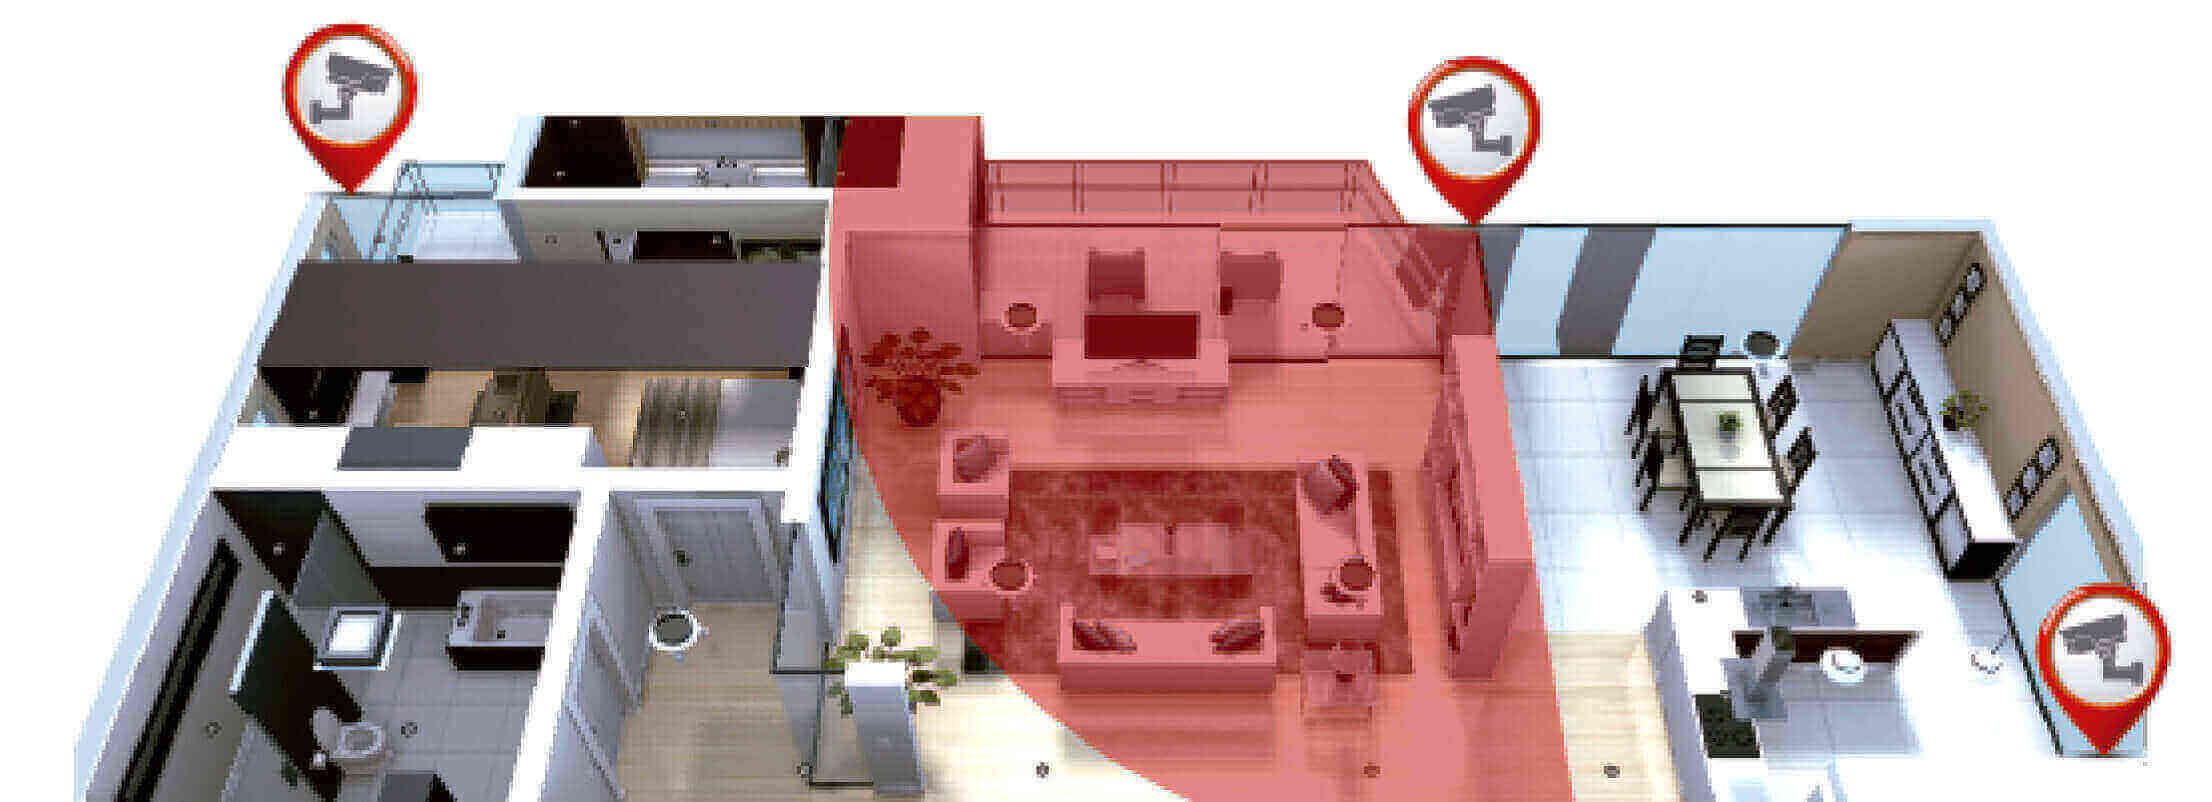 Tipos de instalaciones de CCTV. TDTprofesional